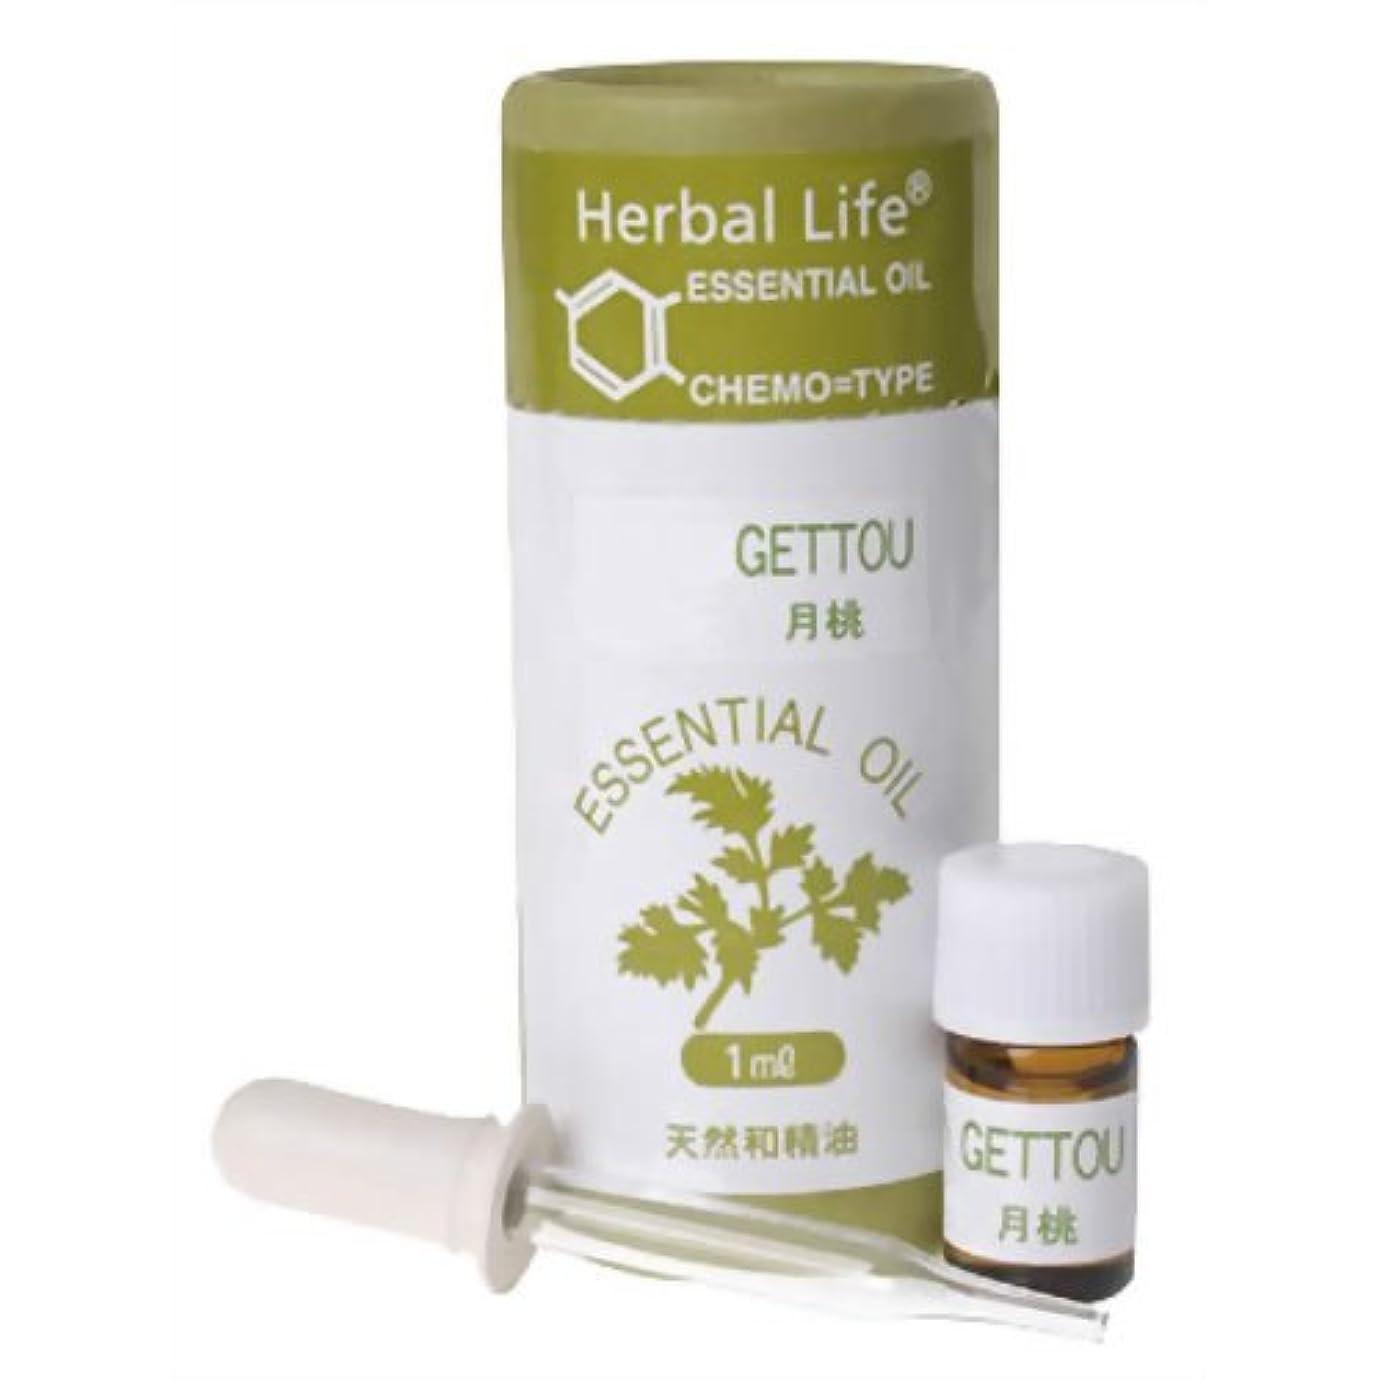 子居眠りするハイライト生活の木 Herbal Life月桃 1ml